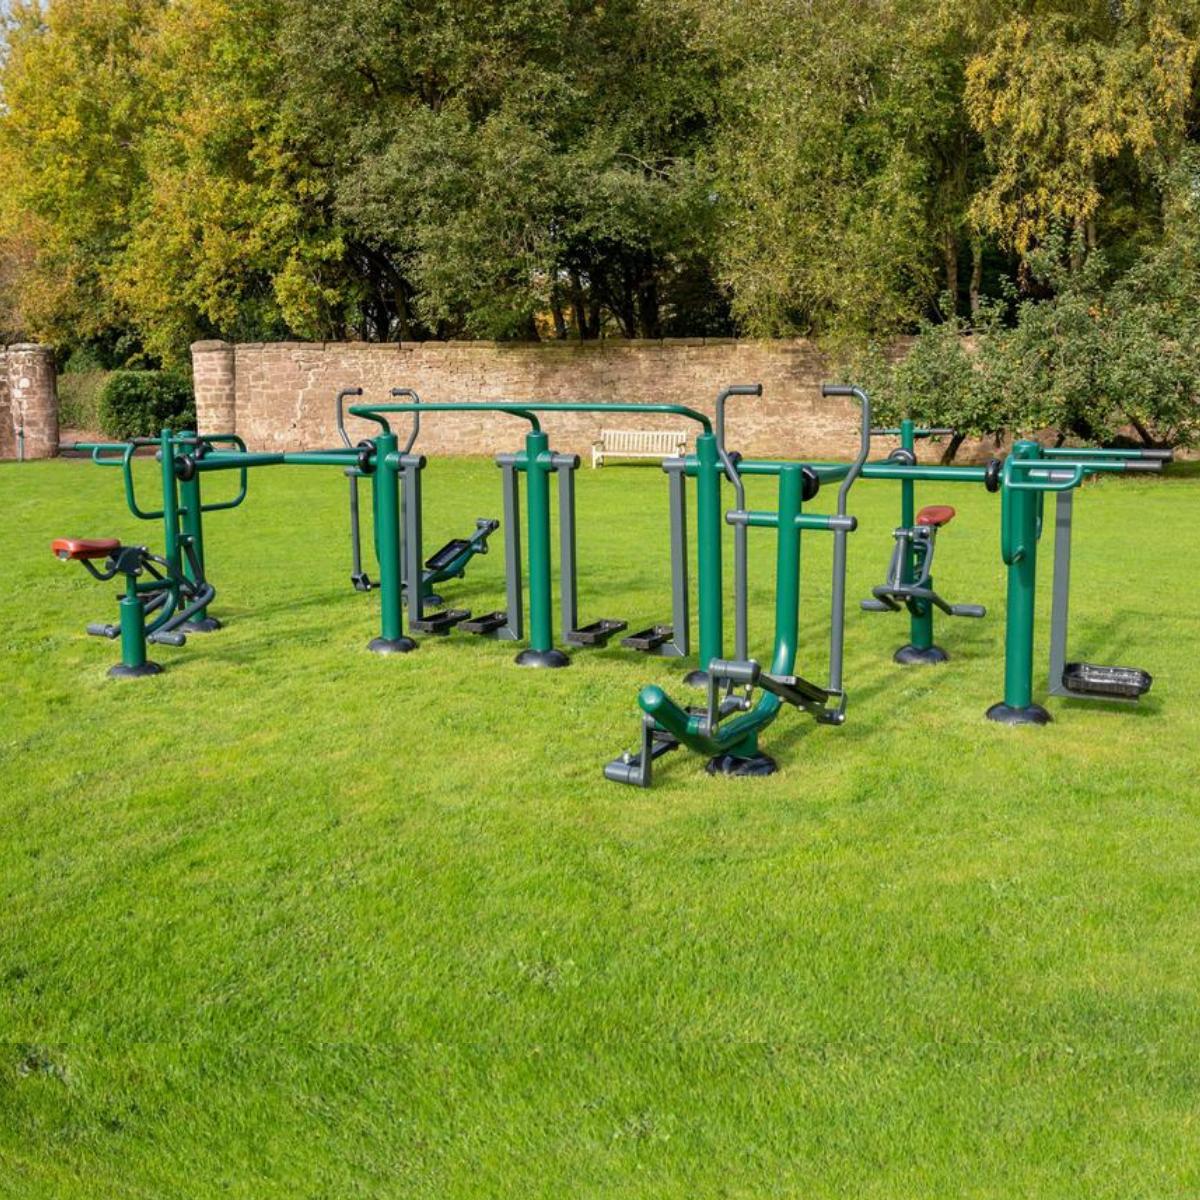 Children's Motiv8 Multi Gym | Sunshine Gym